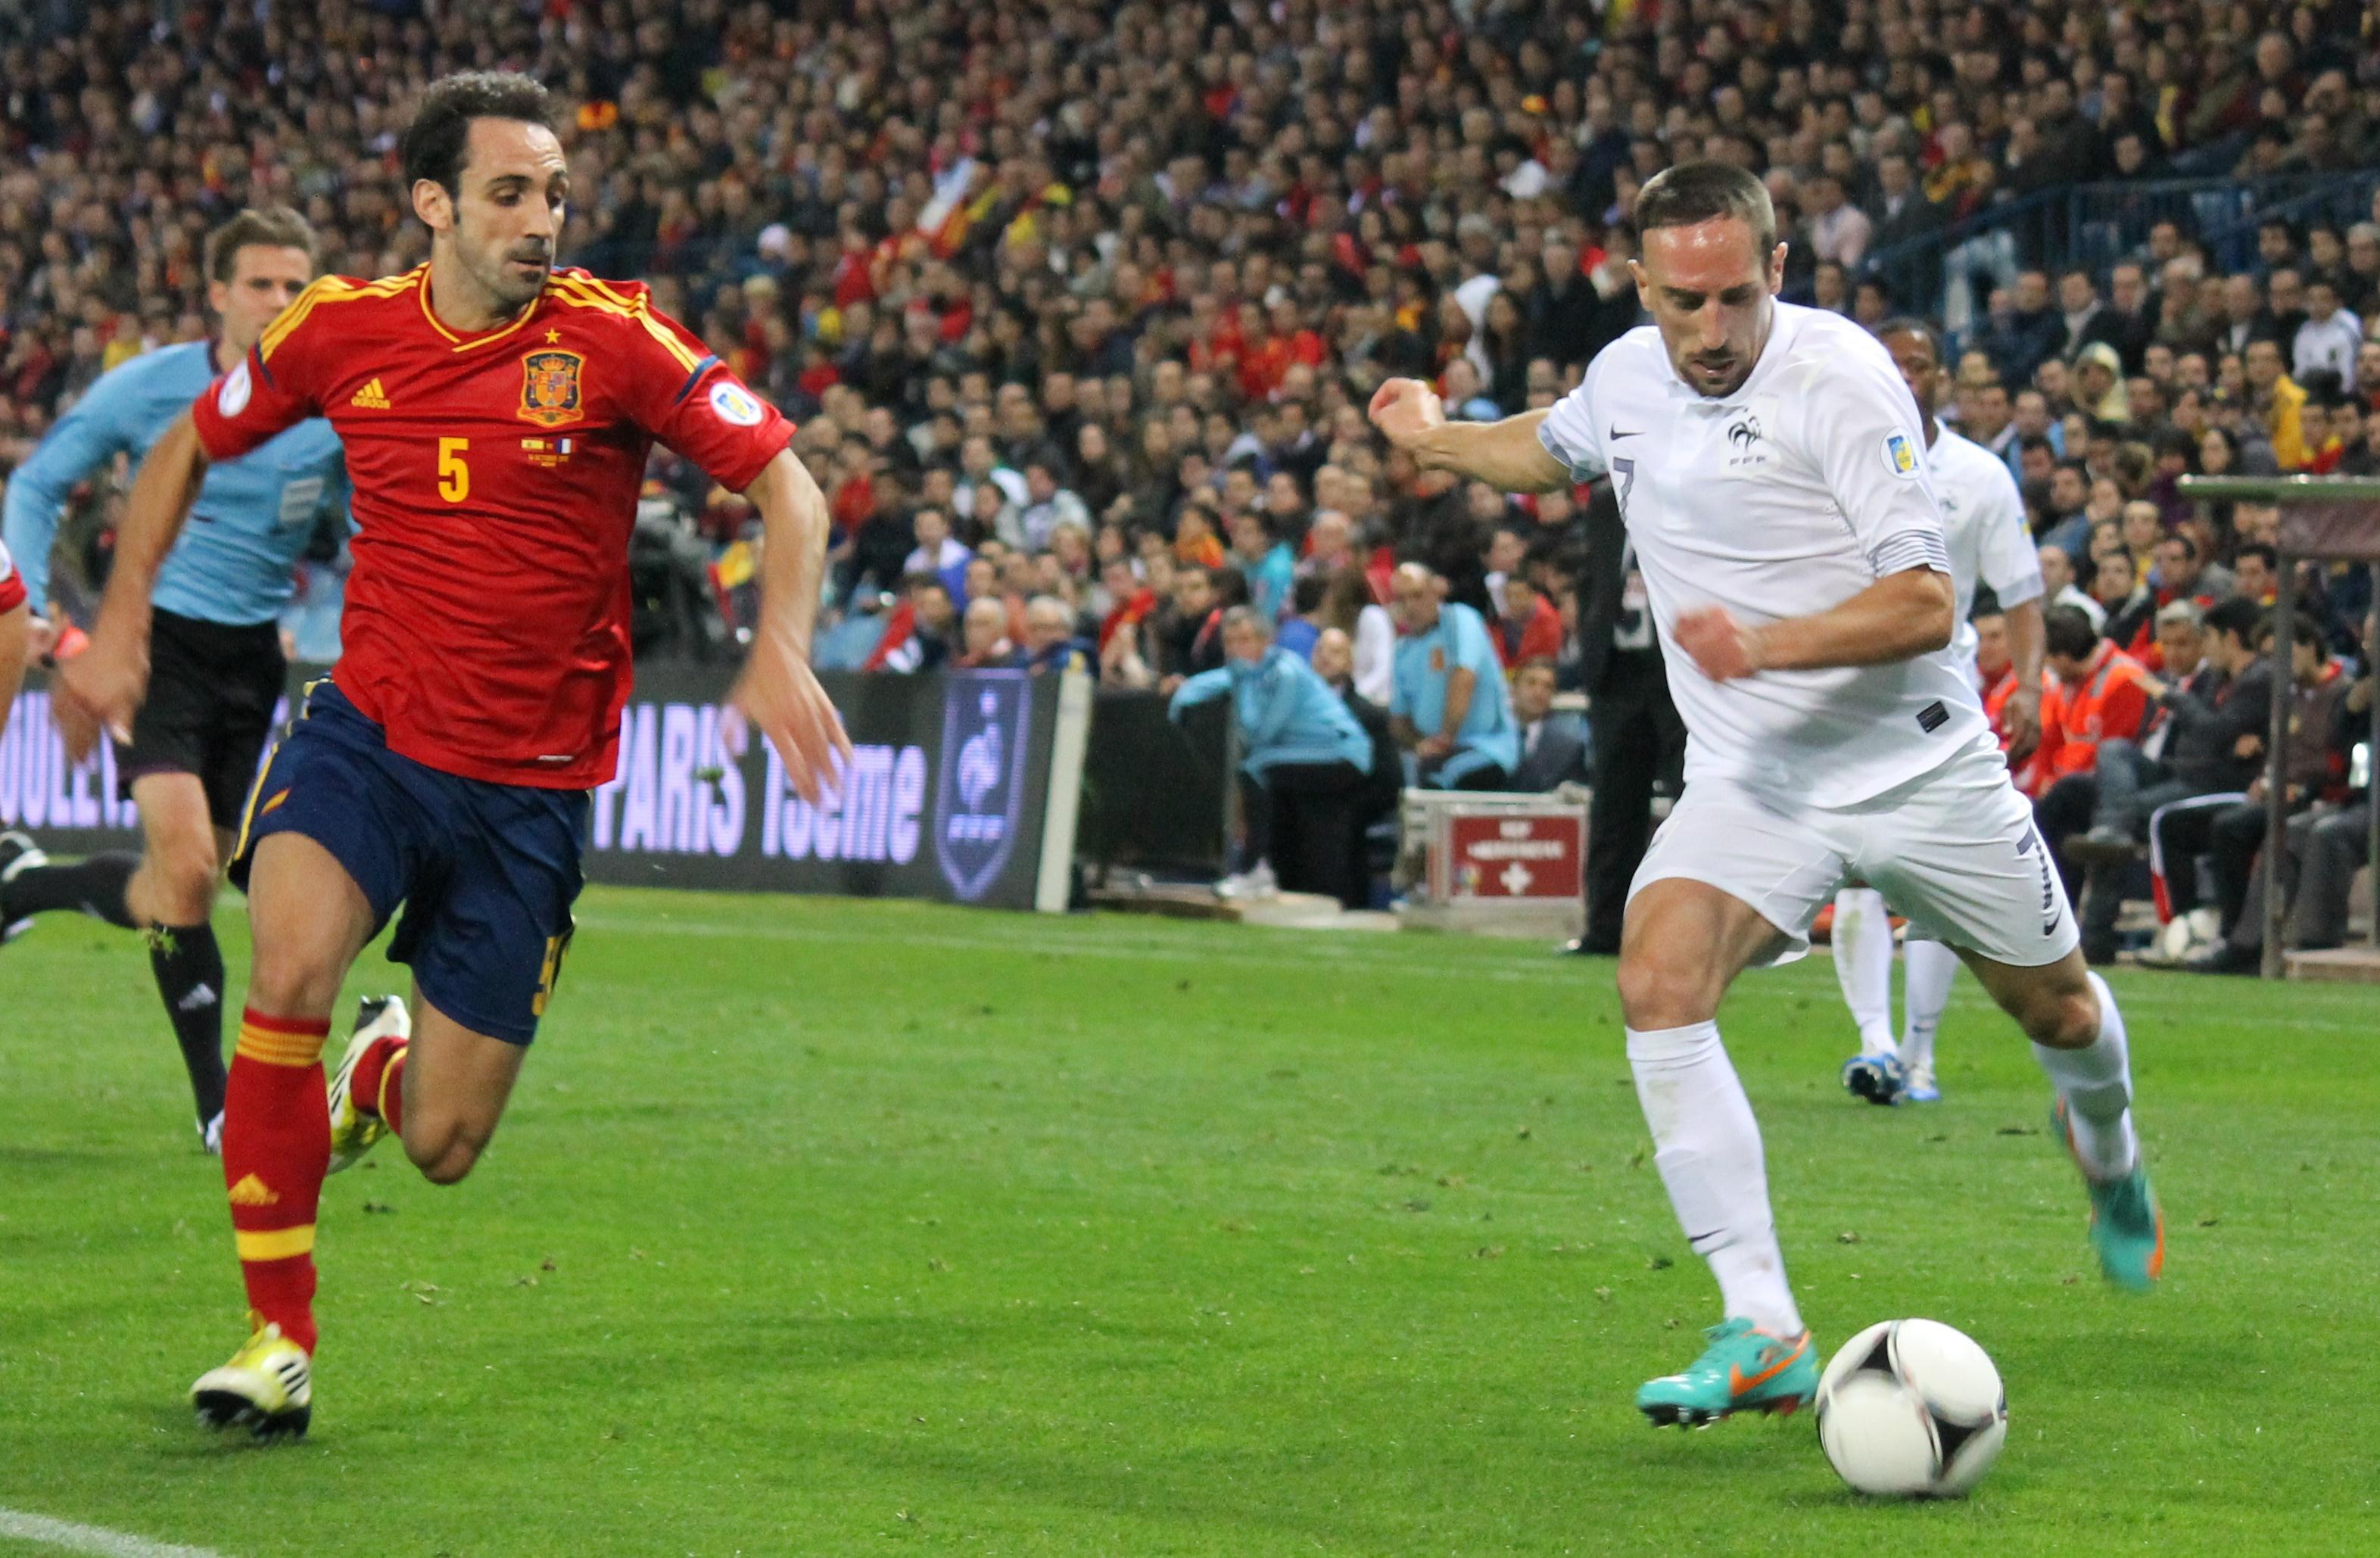 El médico de la selección francesa culpa al Bayern de la lesión de Ribéry